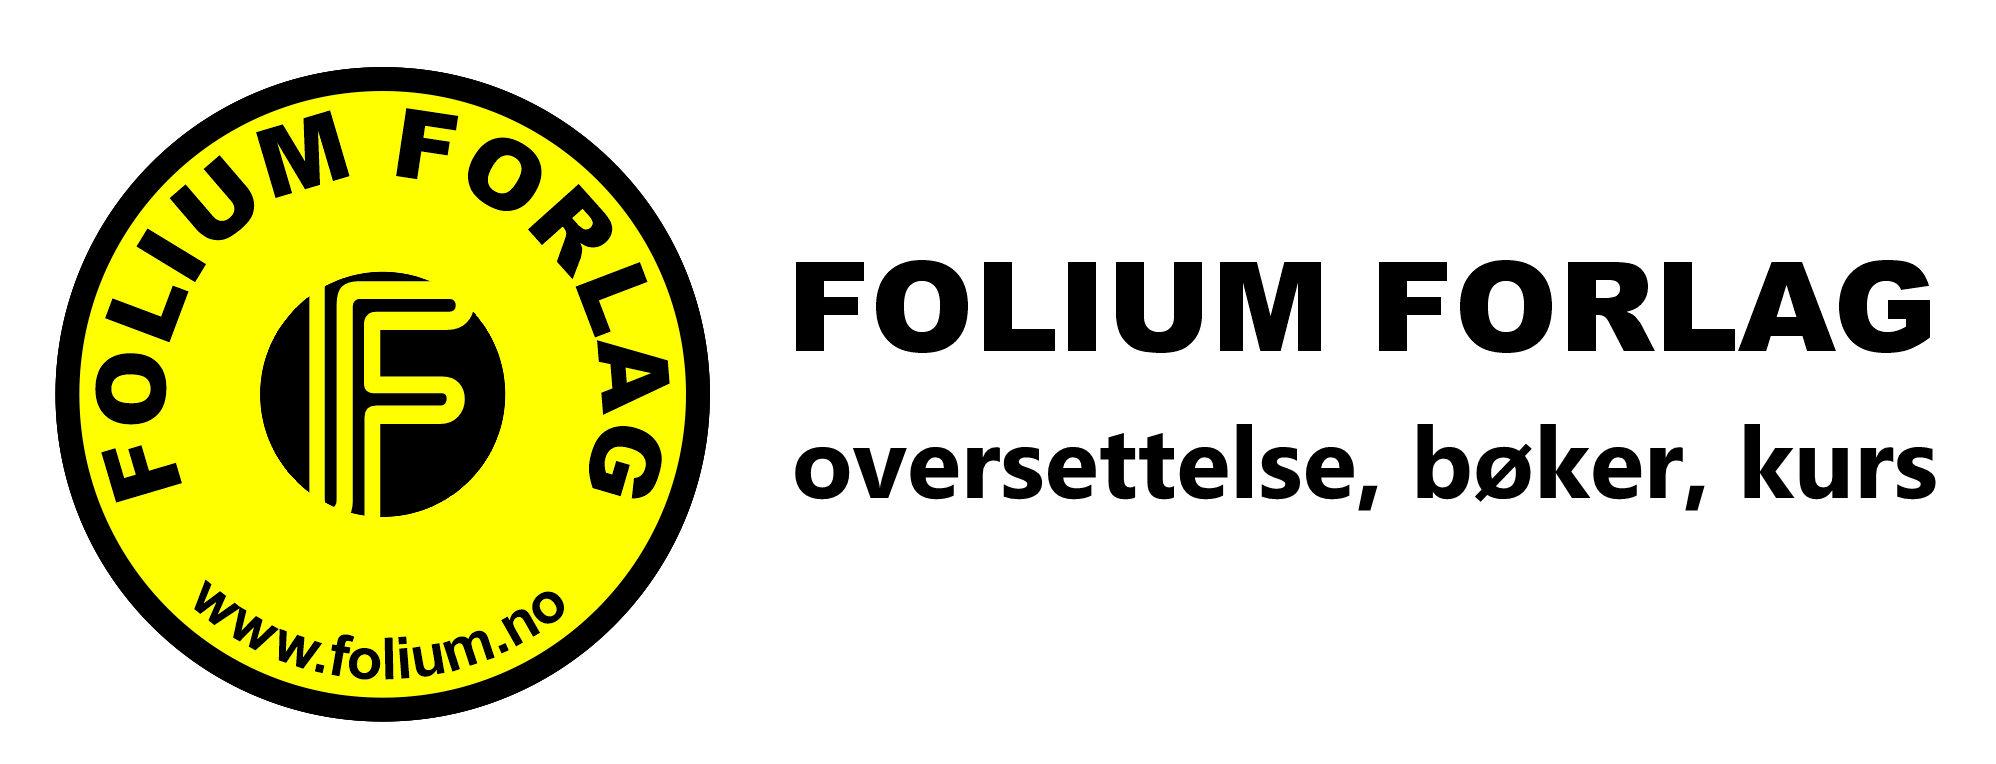 Folium forlag og translatørservice